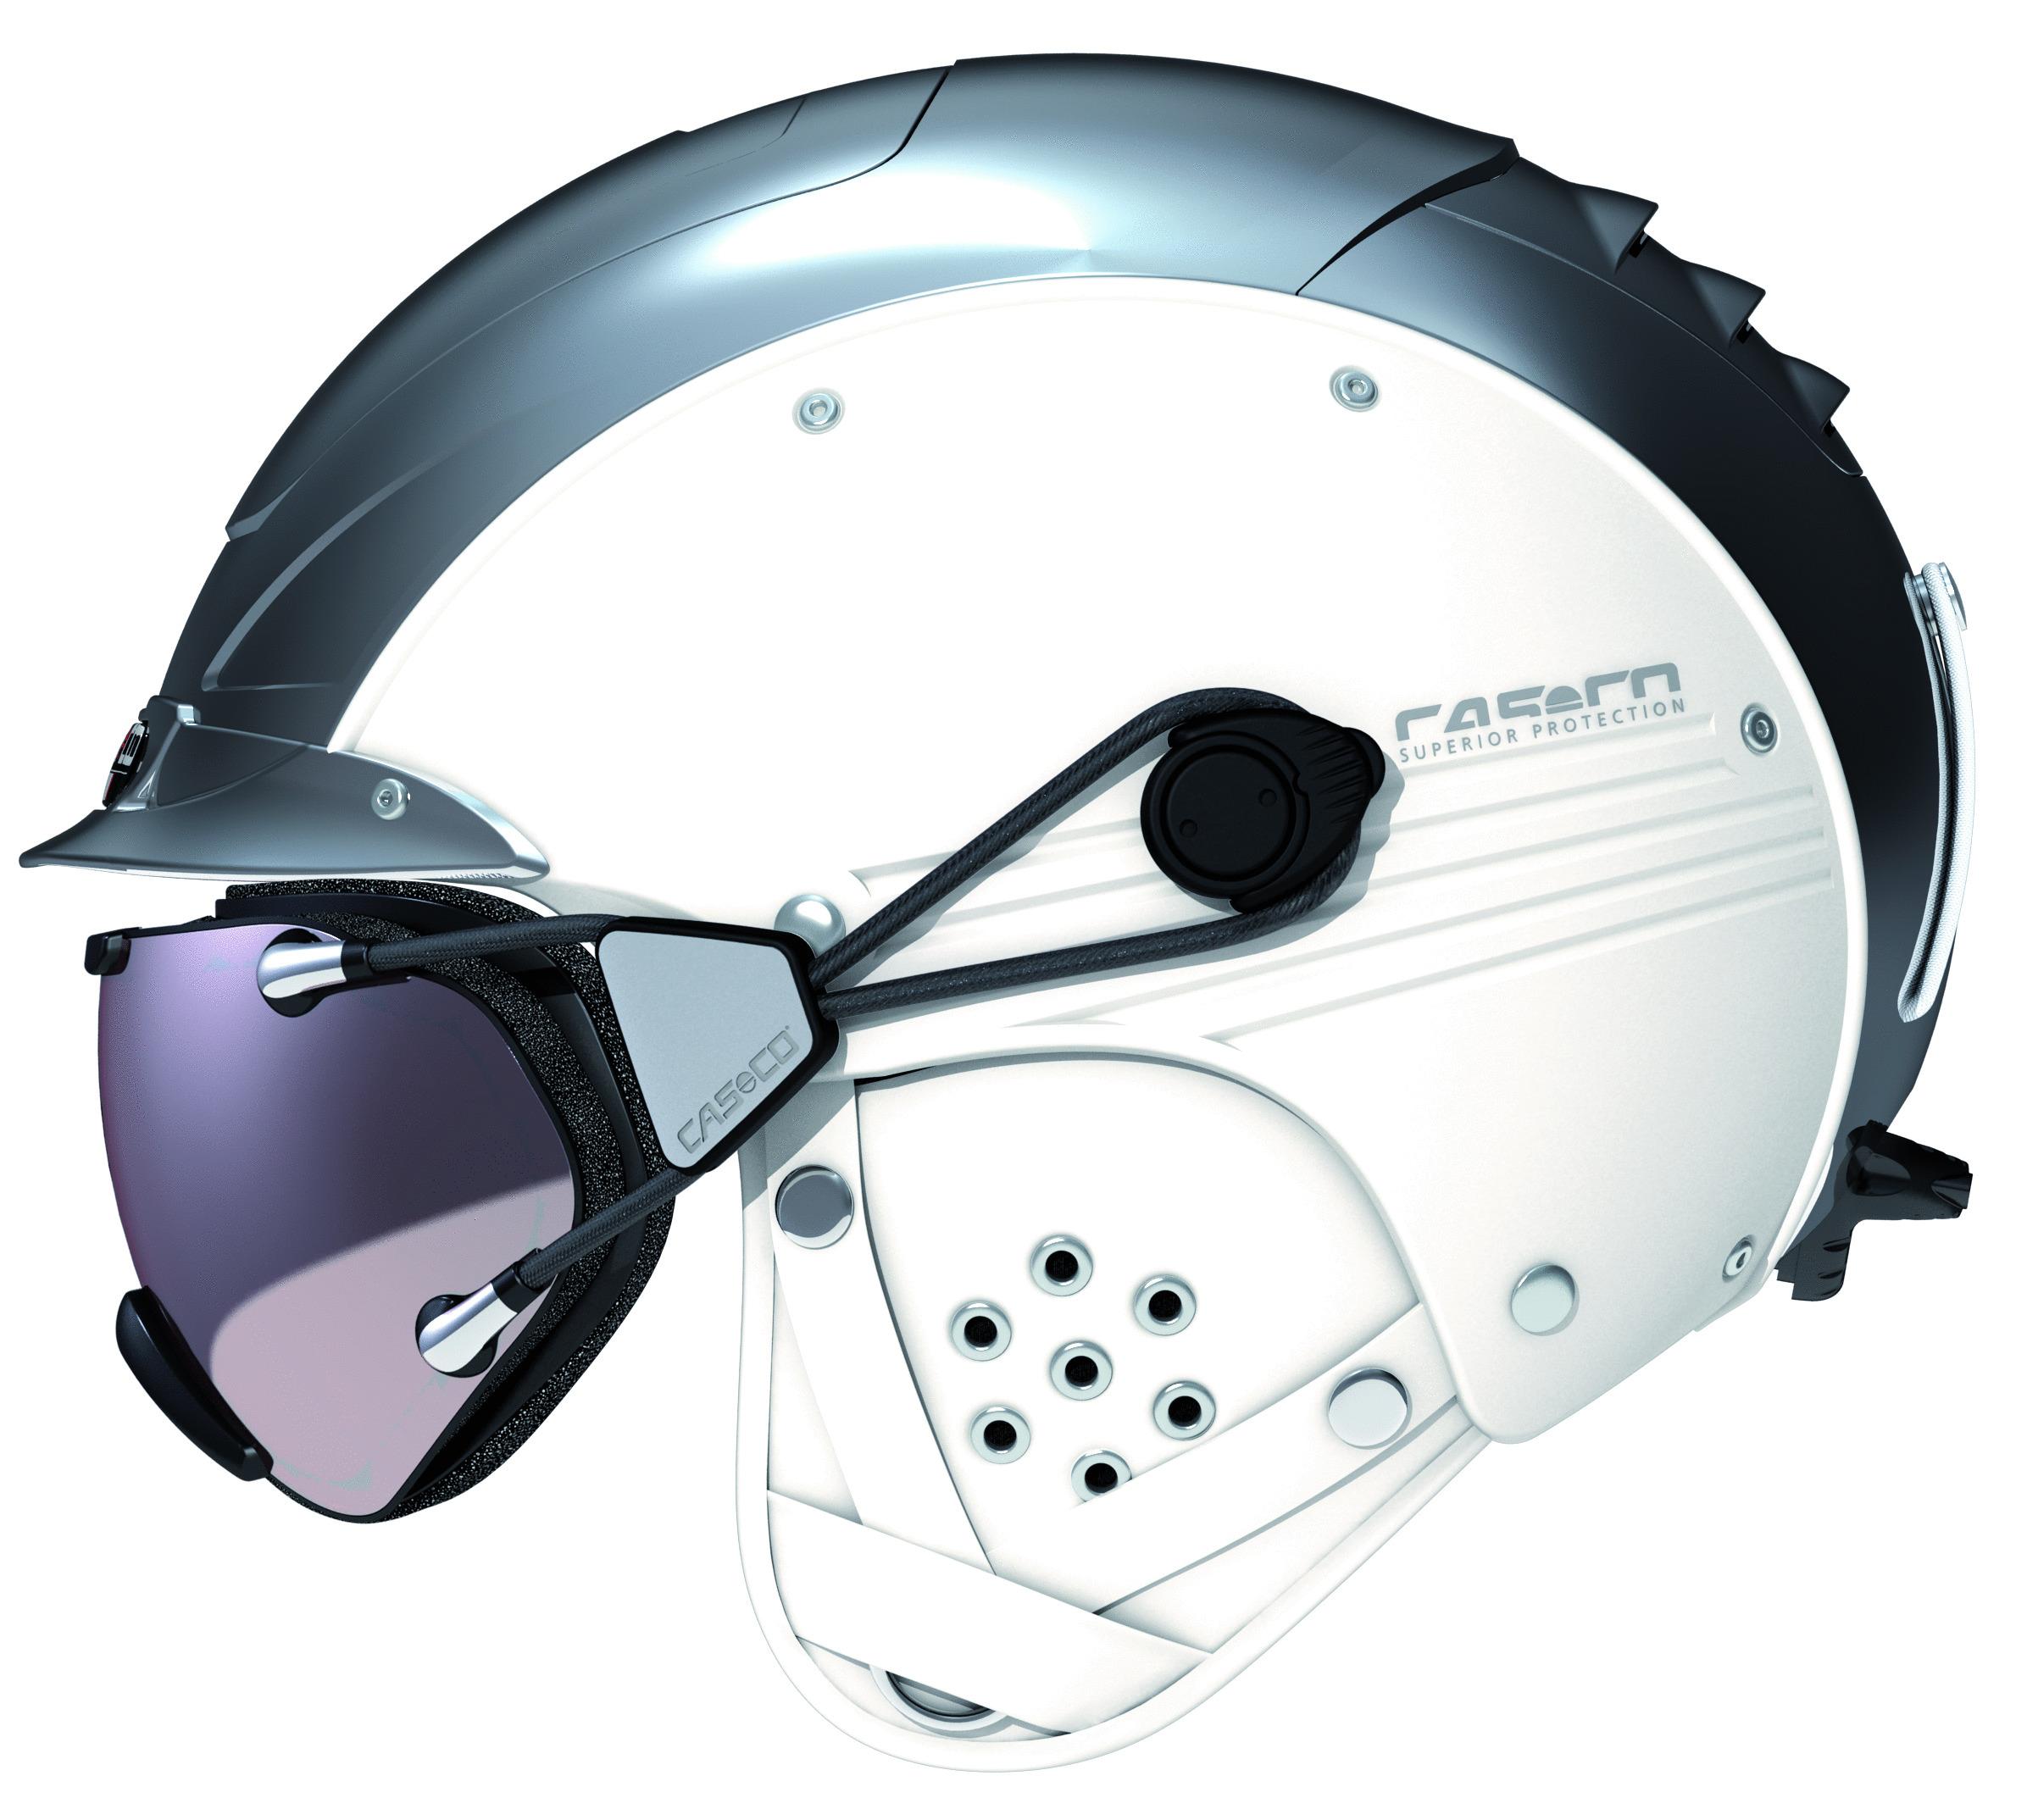 skihelm casco sp 5 3 weiss chrome im casco shop. Black Bedroom Furniture Sets. Home Design Ideas